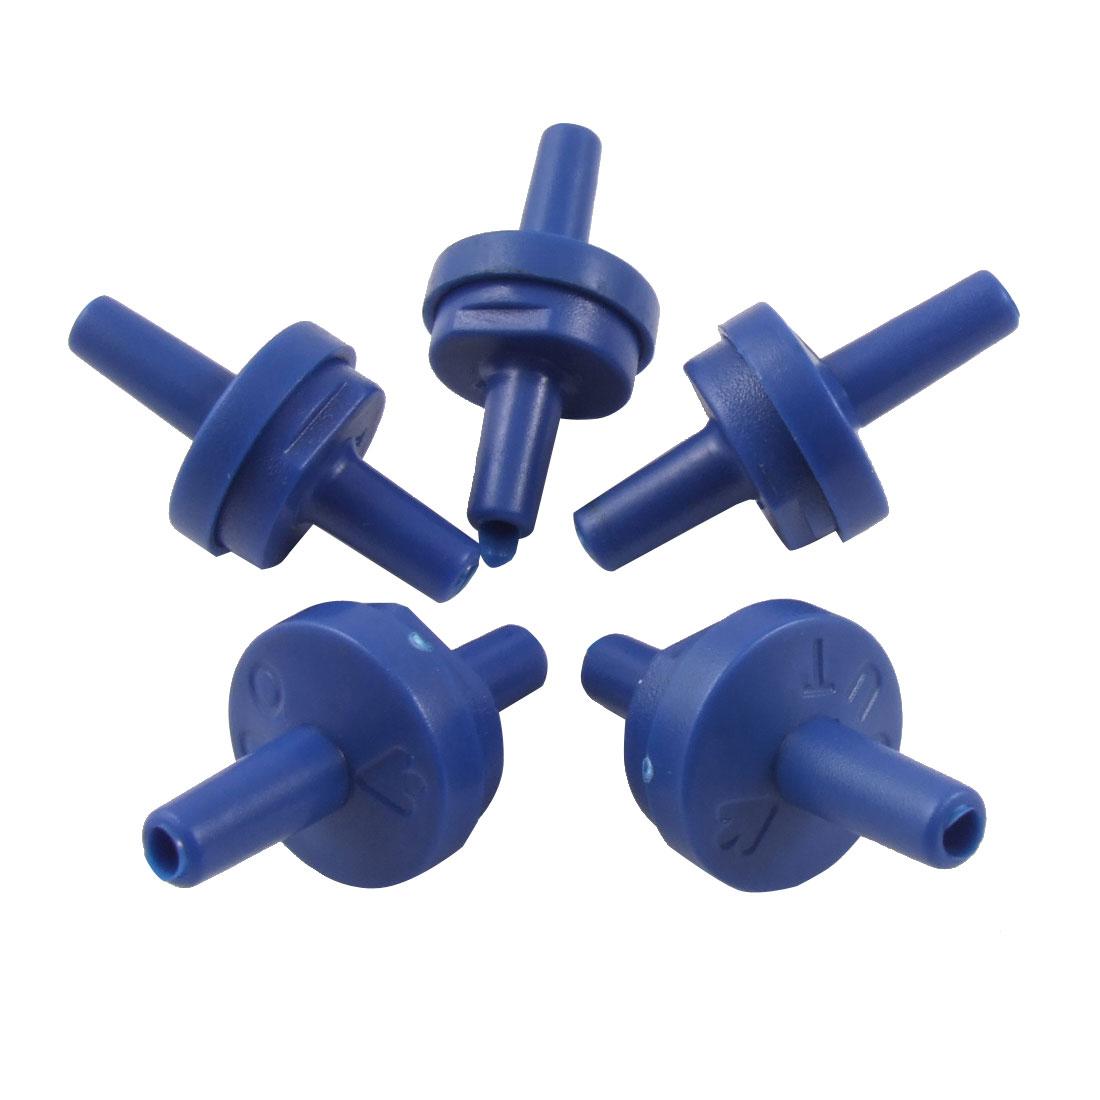 5 Pcs Blue Plastic Air Pump Outlet Check Valves for Aquarium Tank